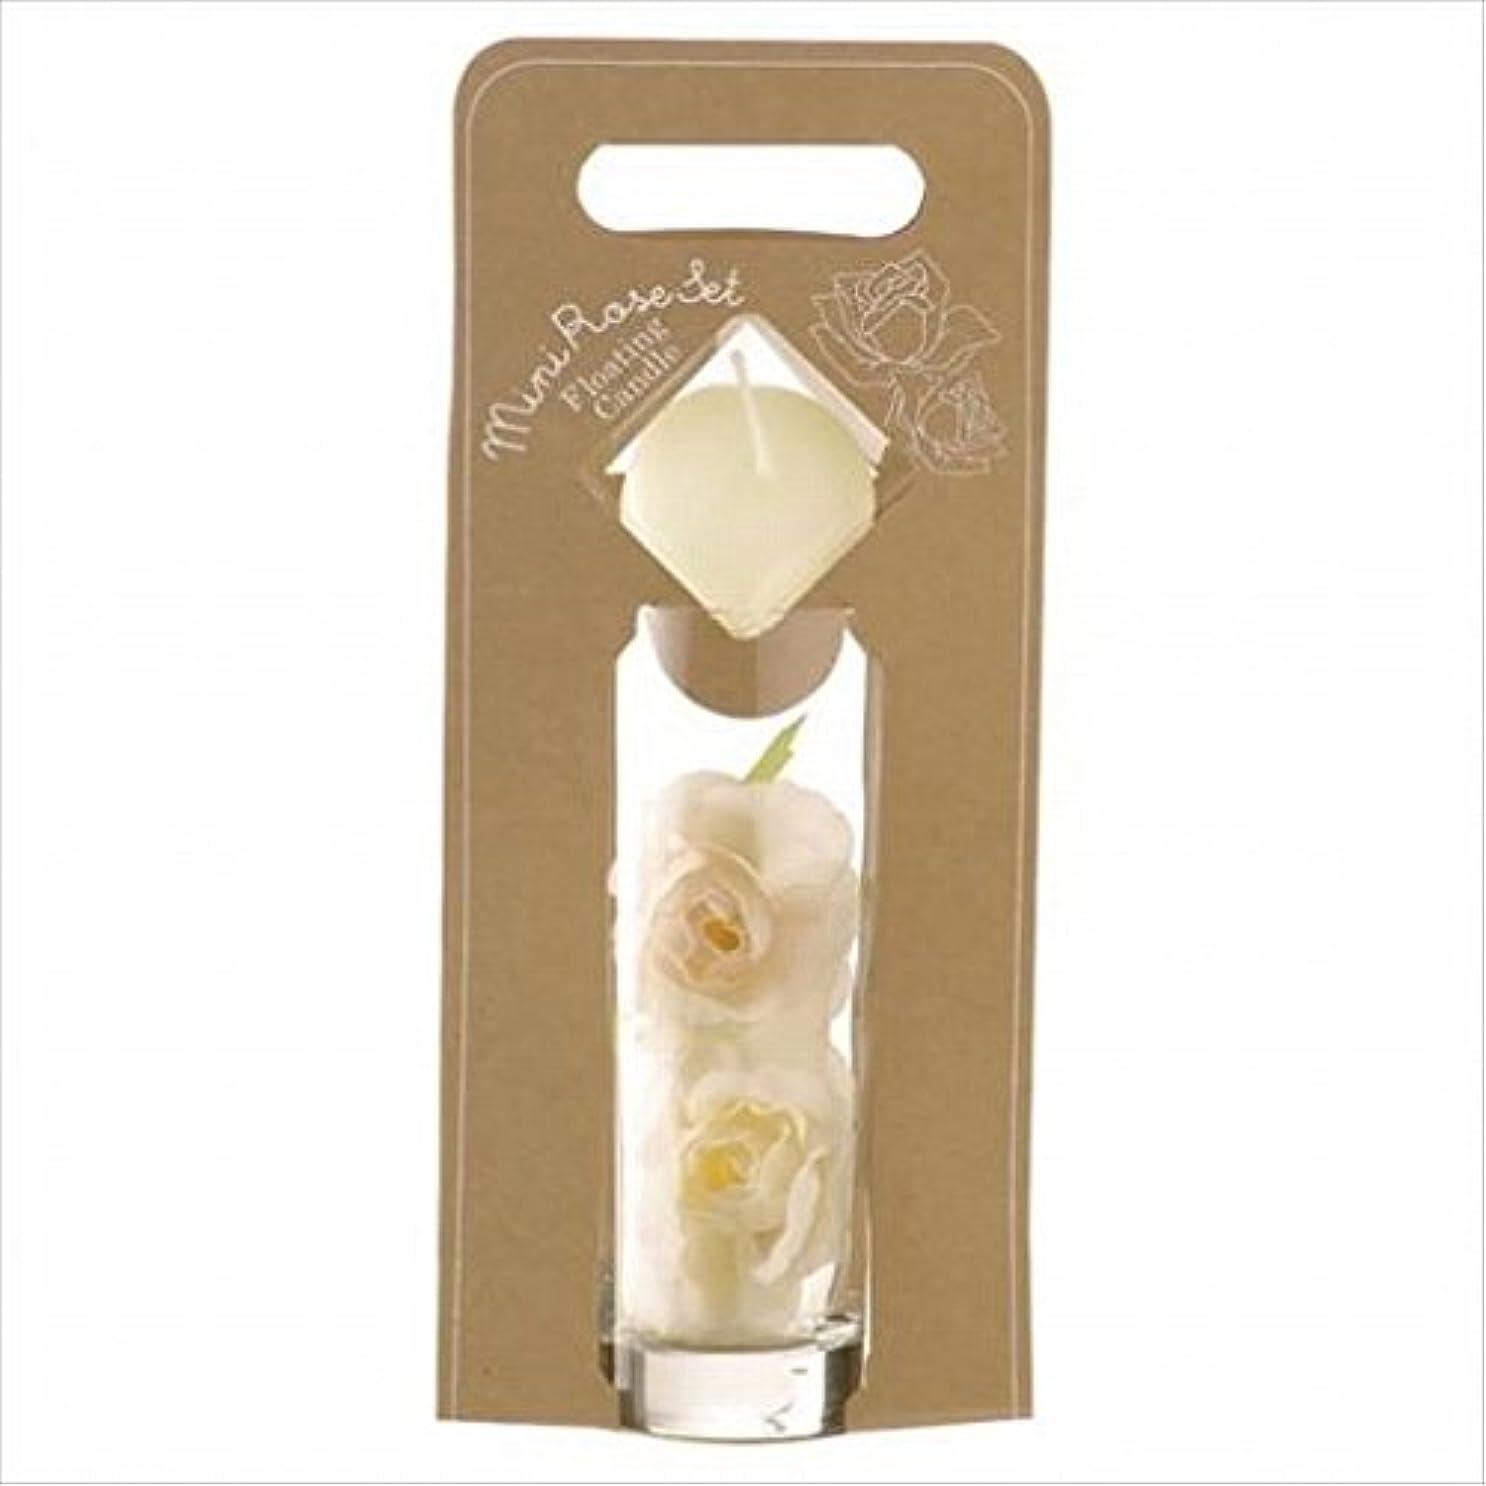 スポーツインポート類似性kameyama candle(カメヤマキャンドル) ミニローズセット 「 アイボリー 」(A7620005IV)